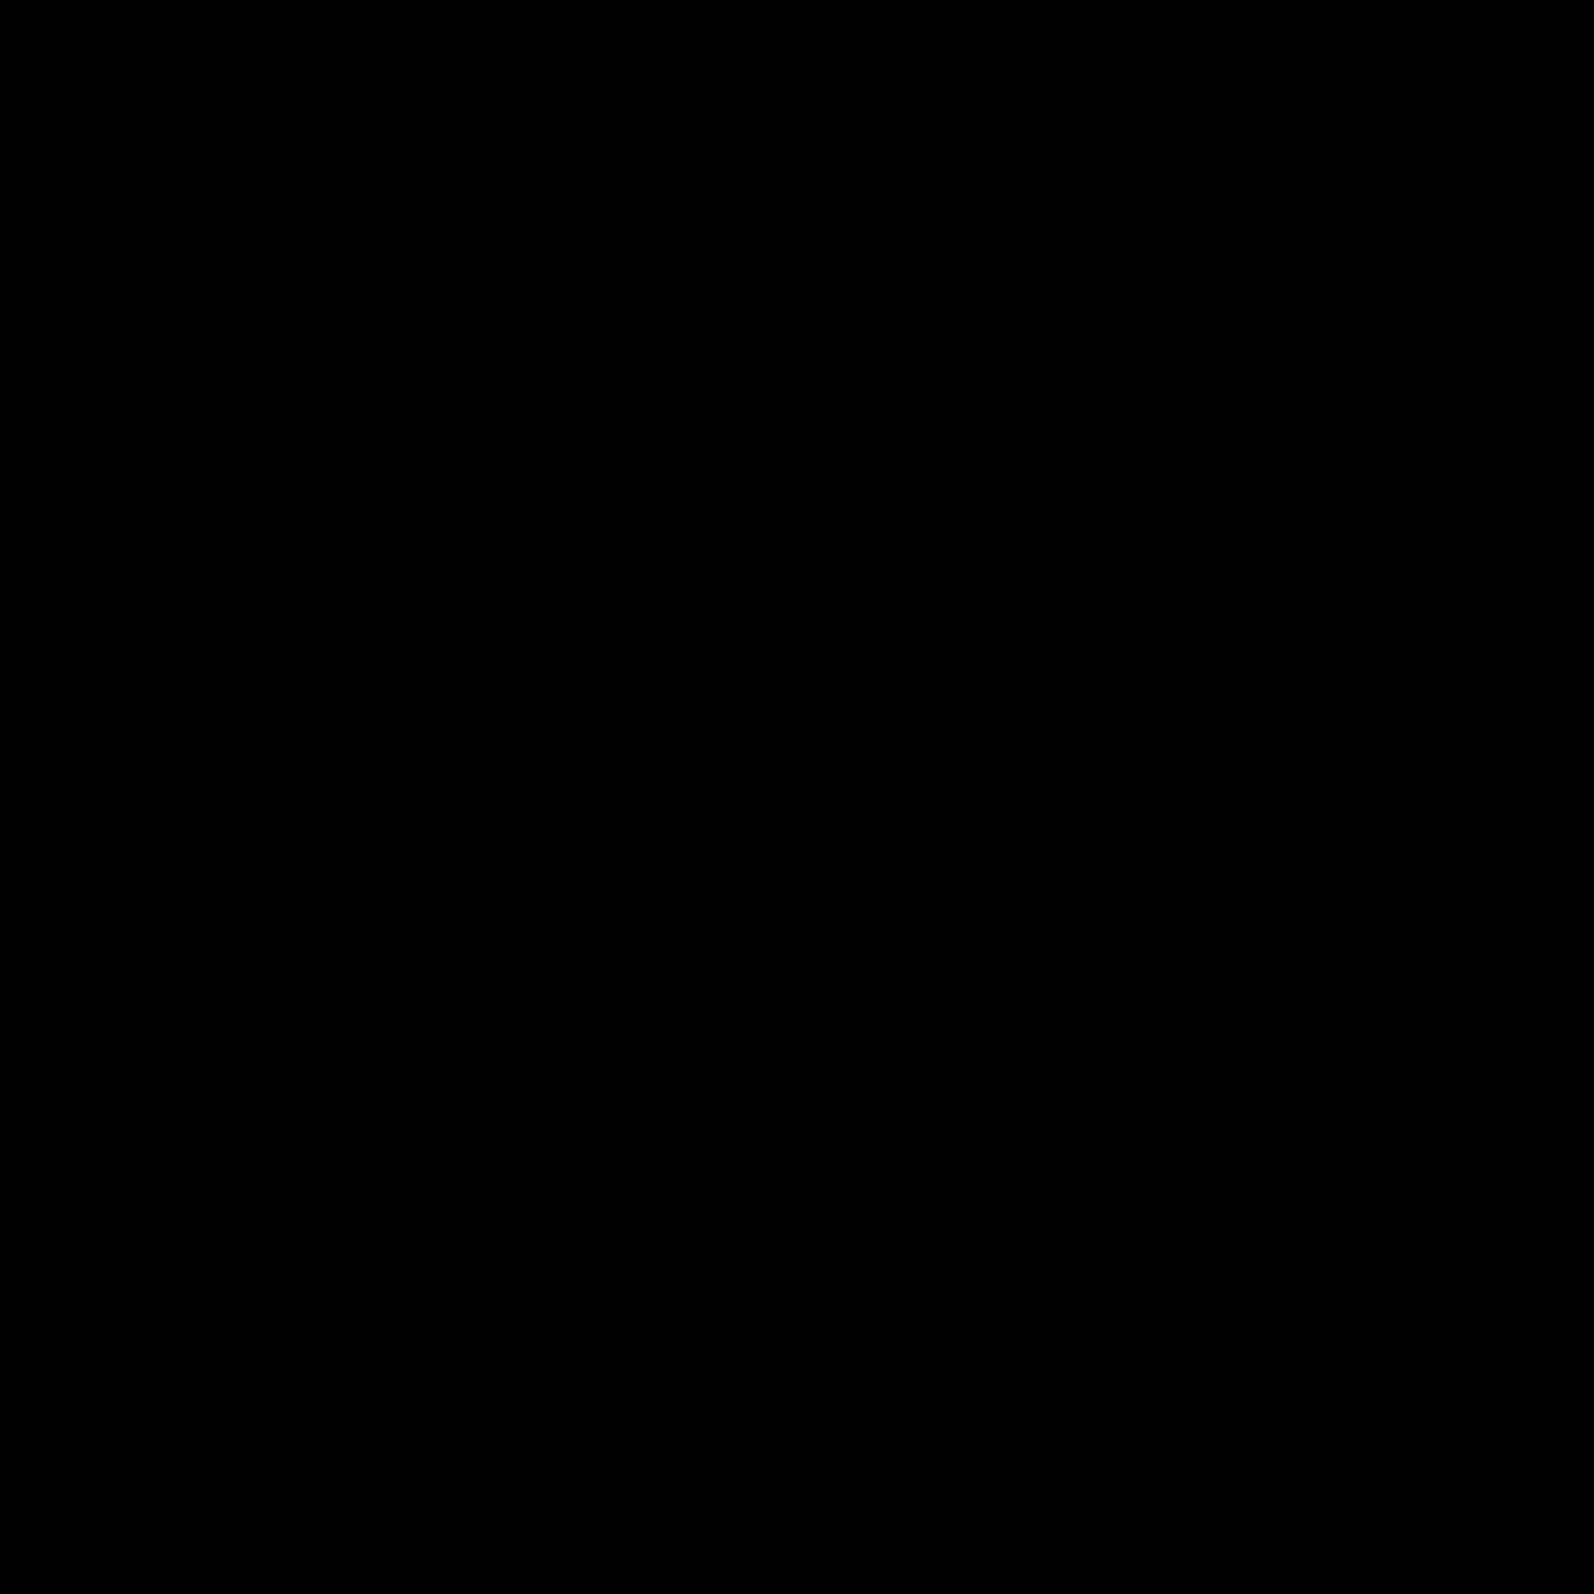 02A13P3Z